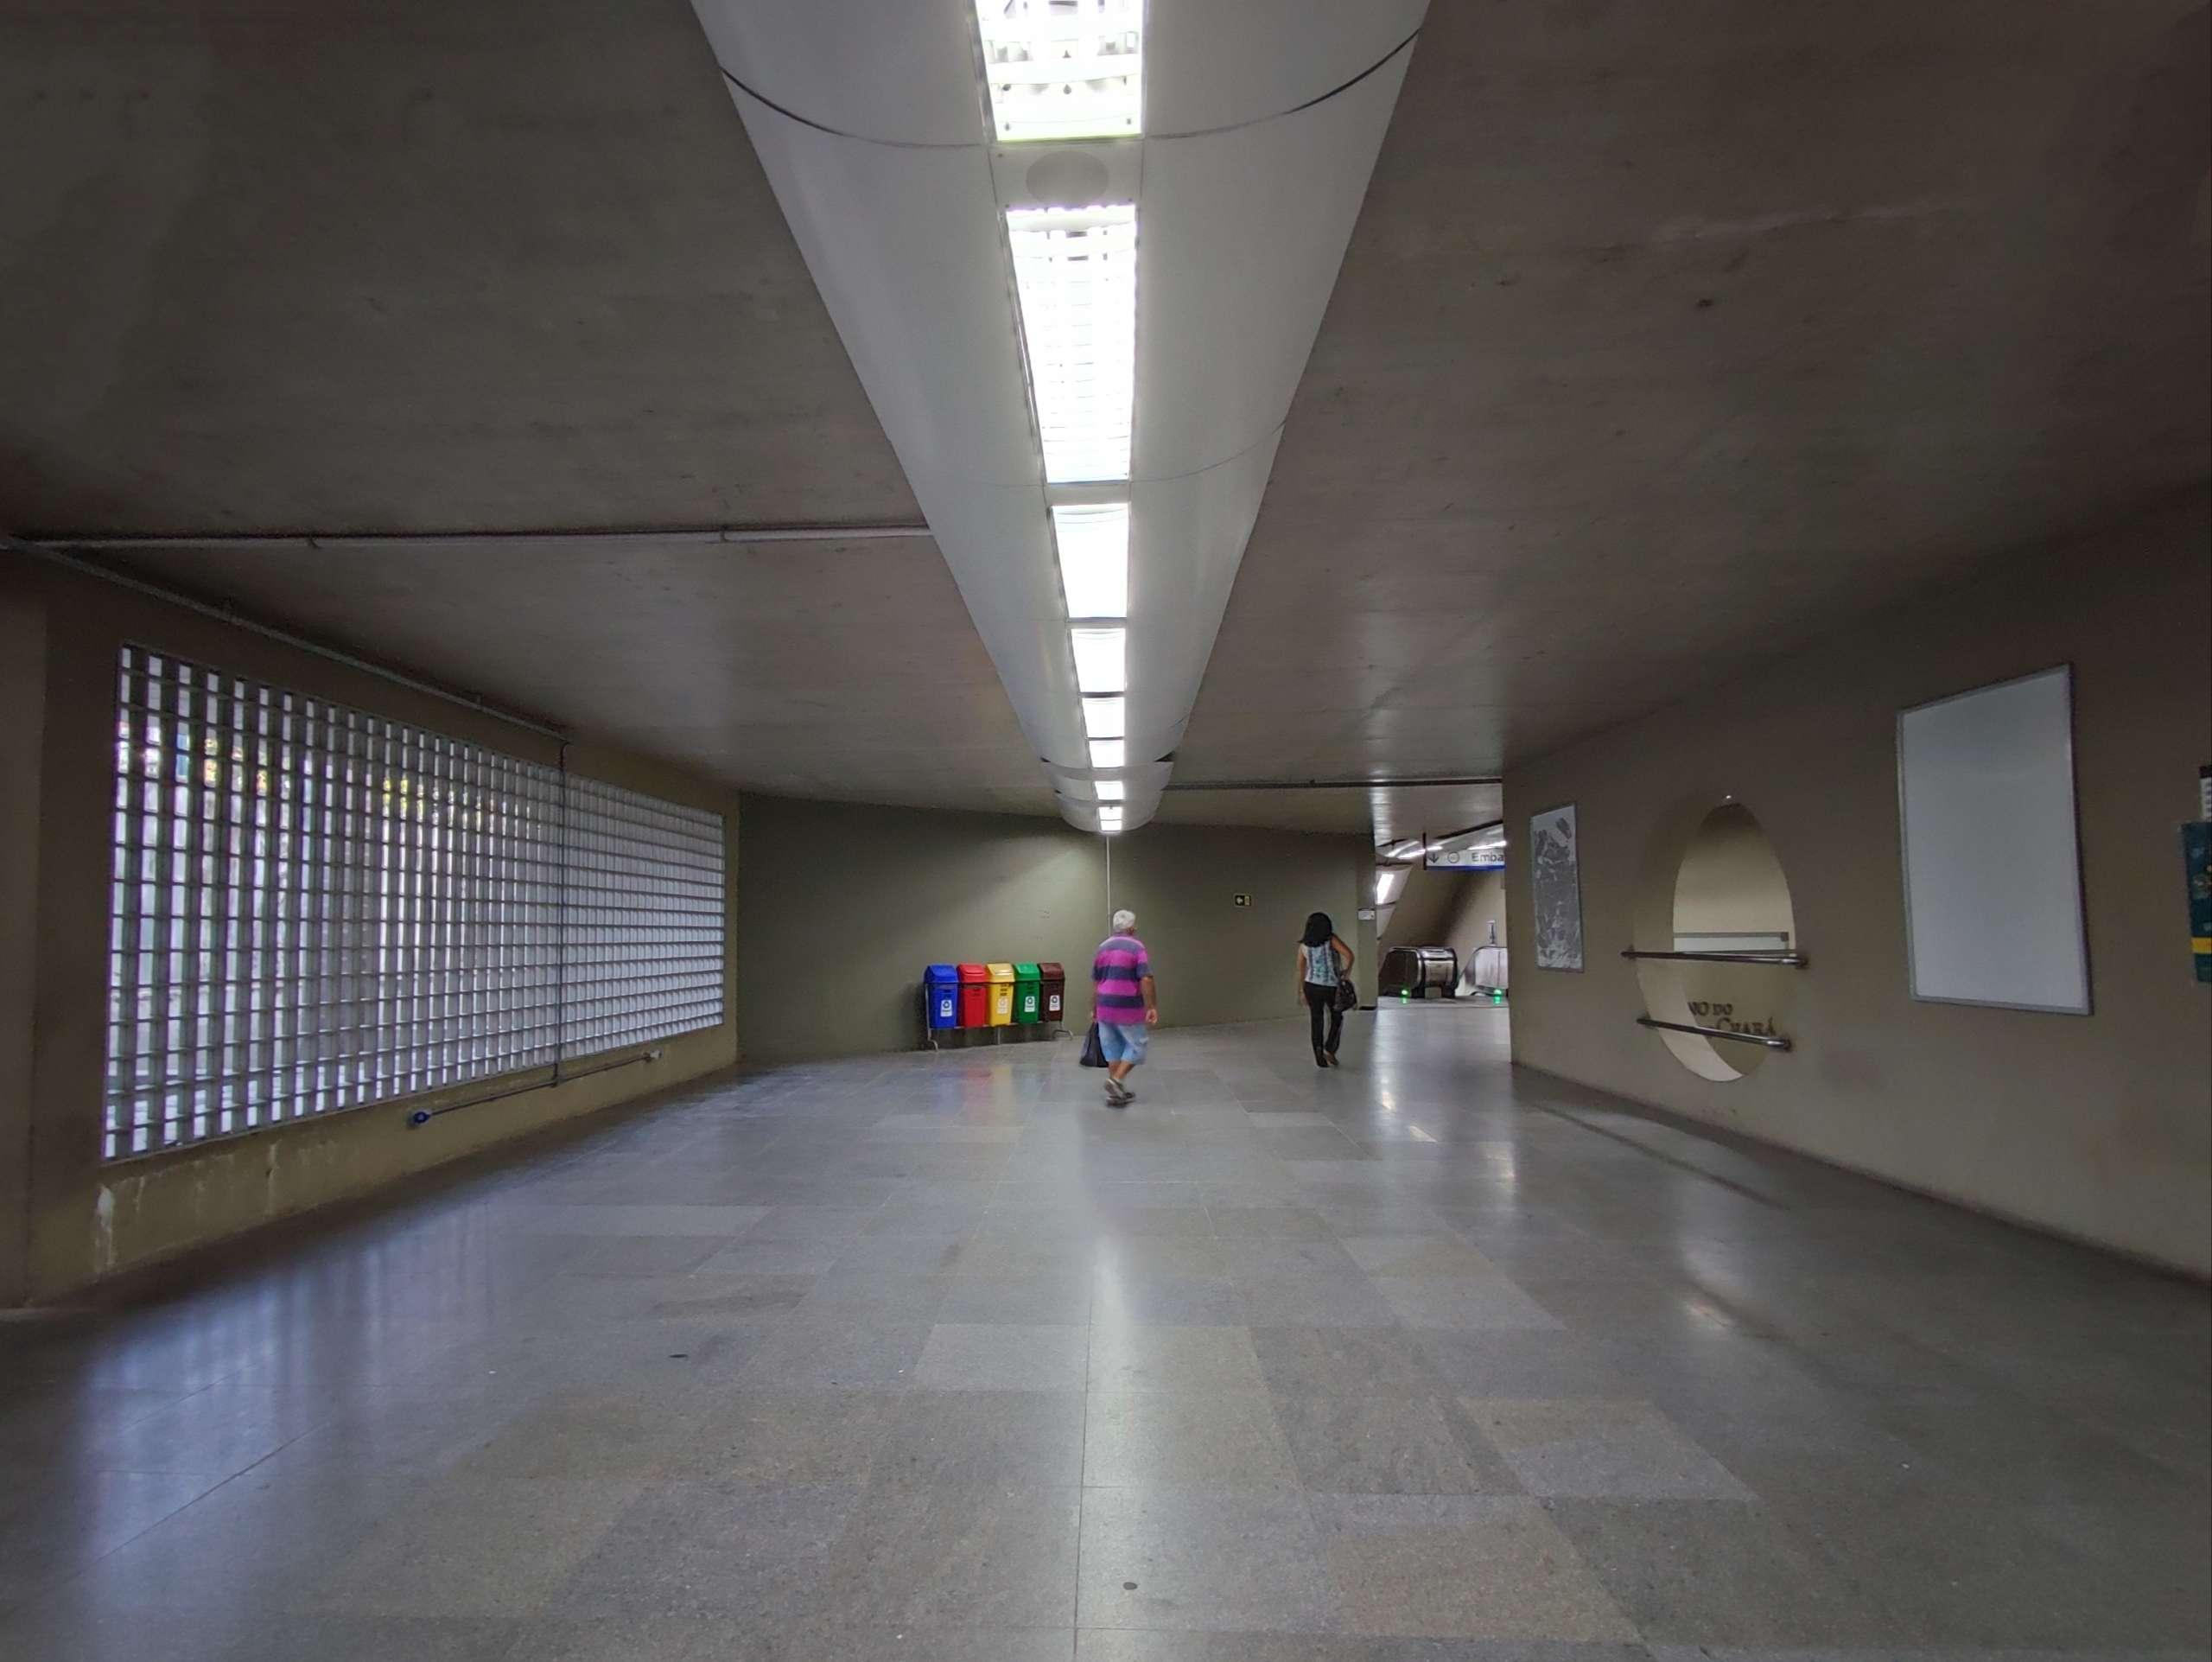 Metrofor abre espaços para instalação de quiosques de vendas na estação José de Alencar